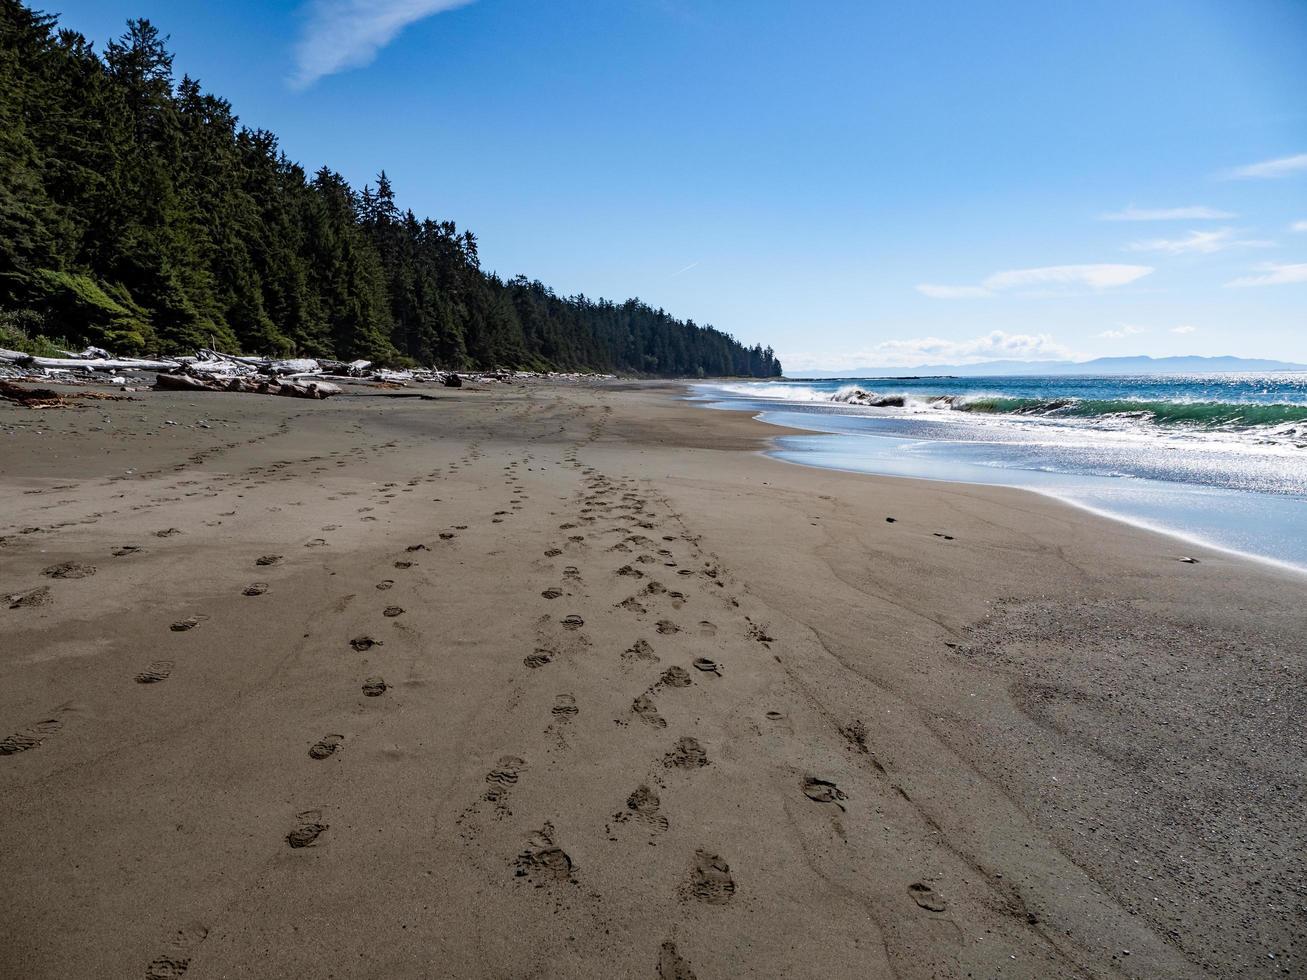 bord de la plage avec arbres verts et ciel bleu photo